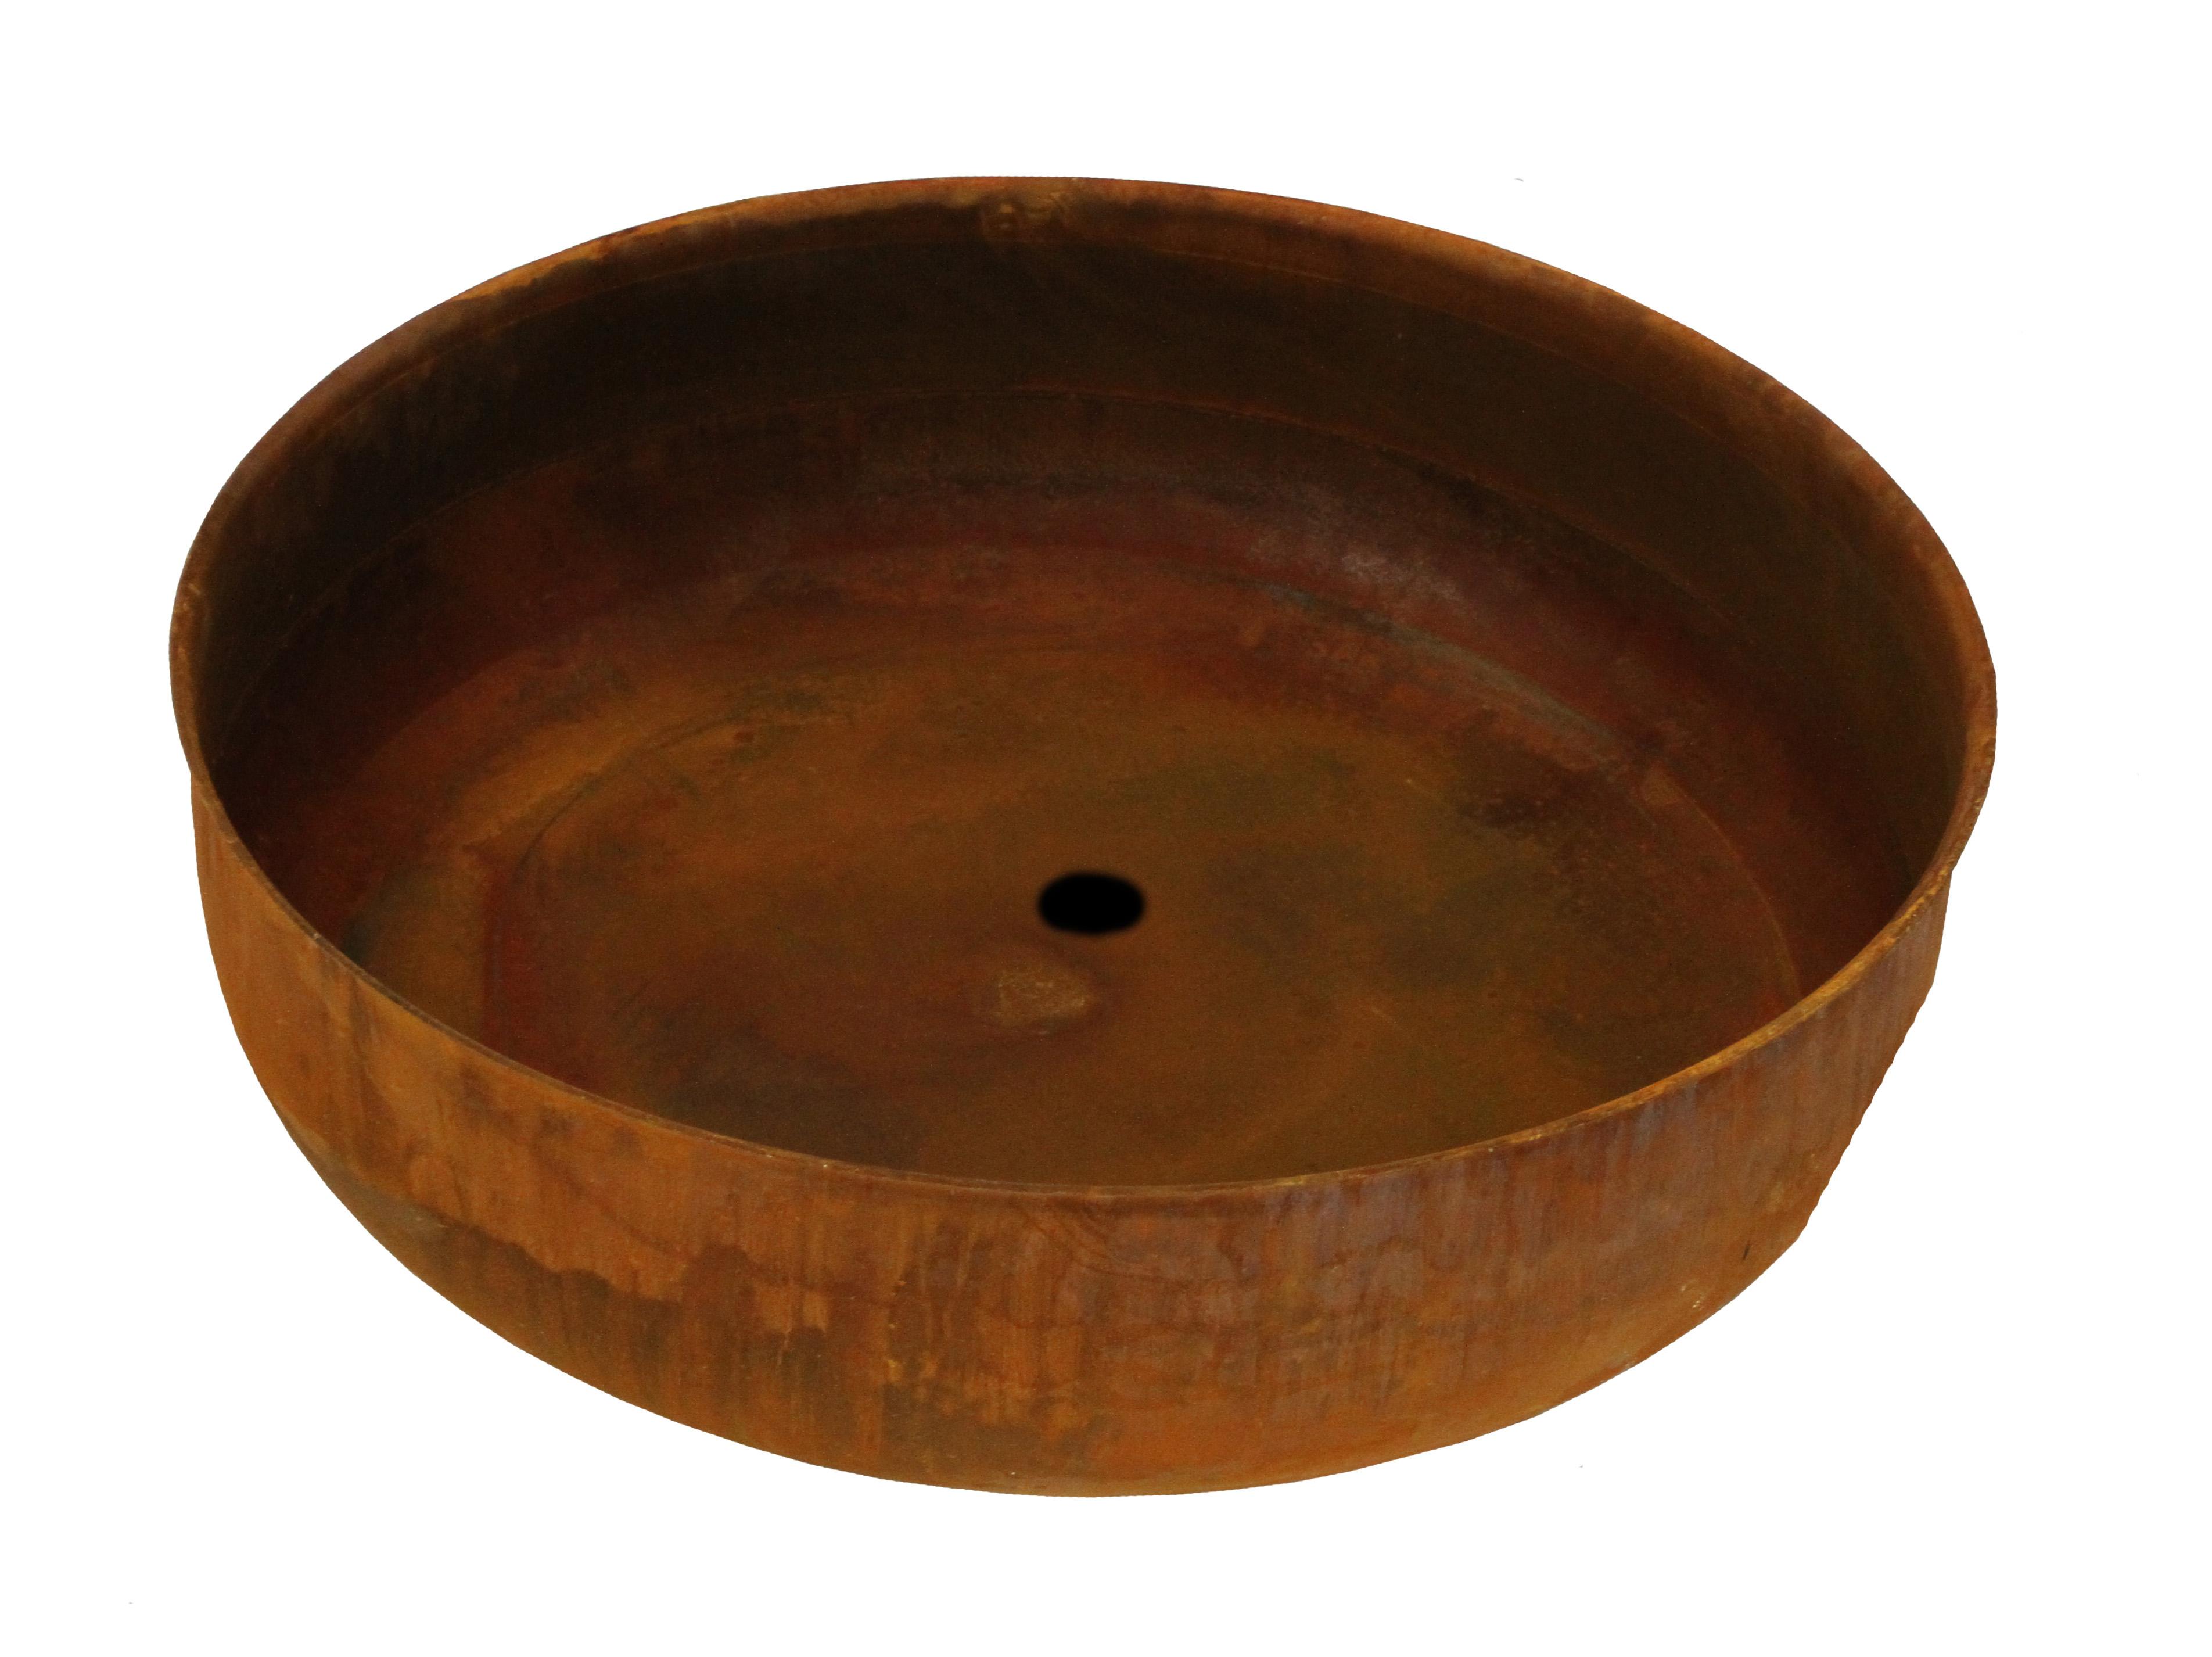 Roasty Boss — емкость, которую можно использовать в качестве мангала и гриля.